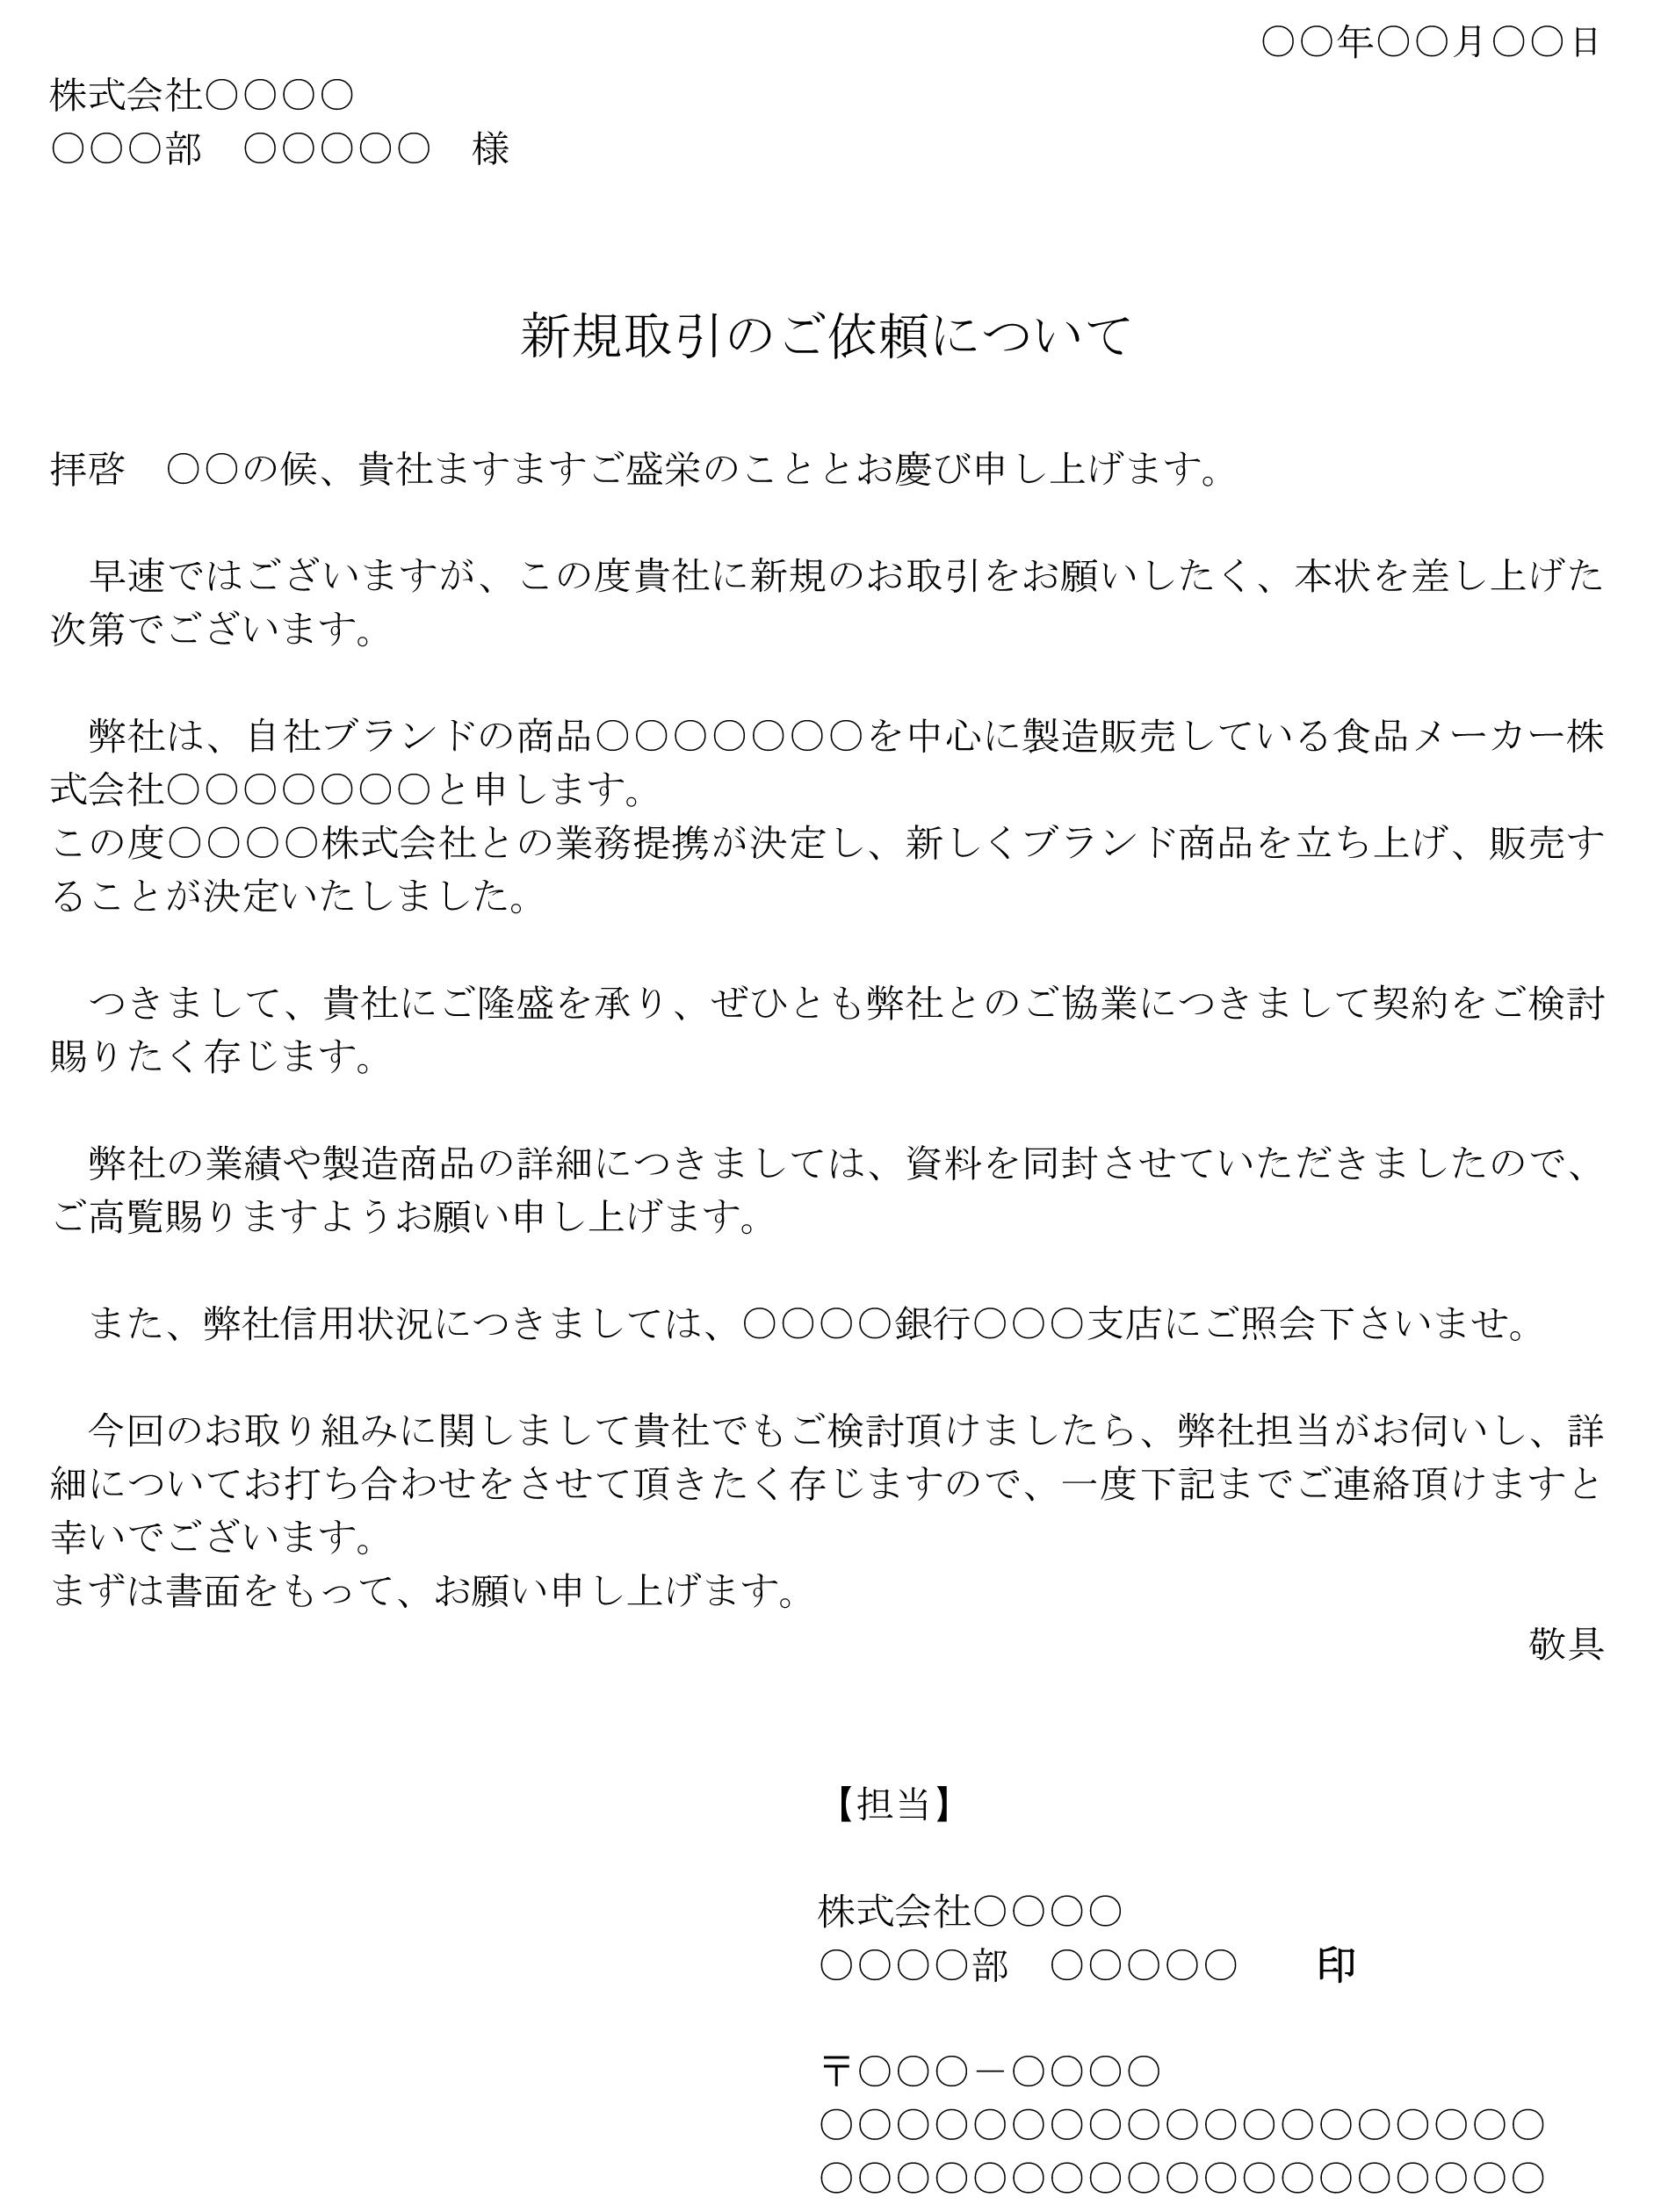 依頼状(新規取引依頼)03